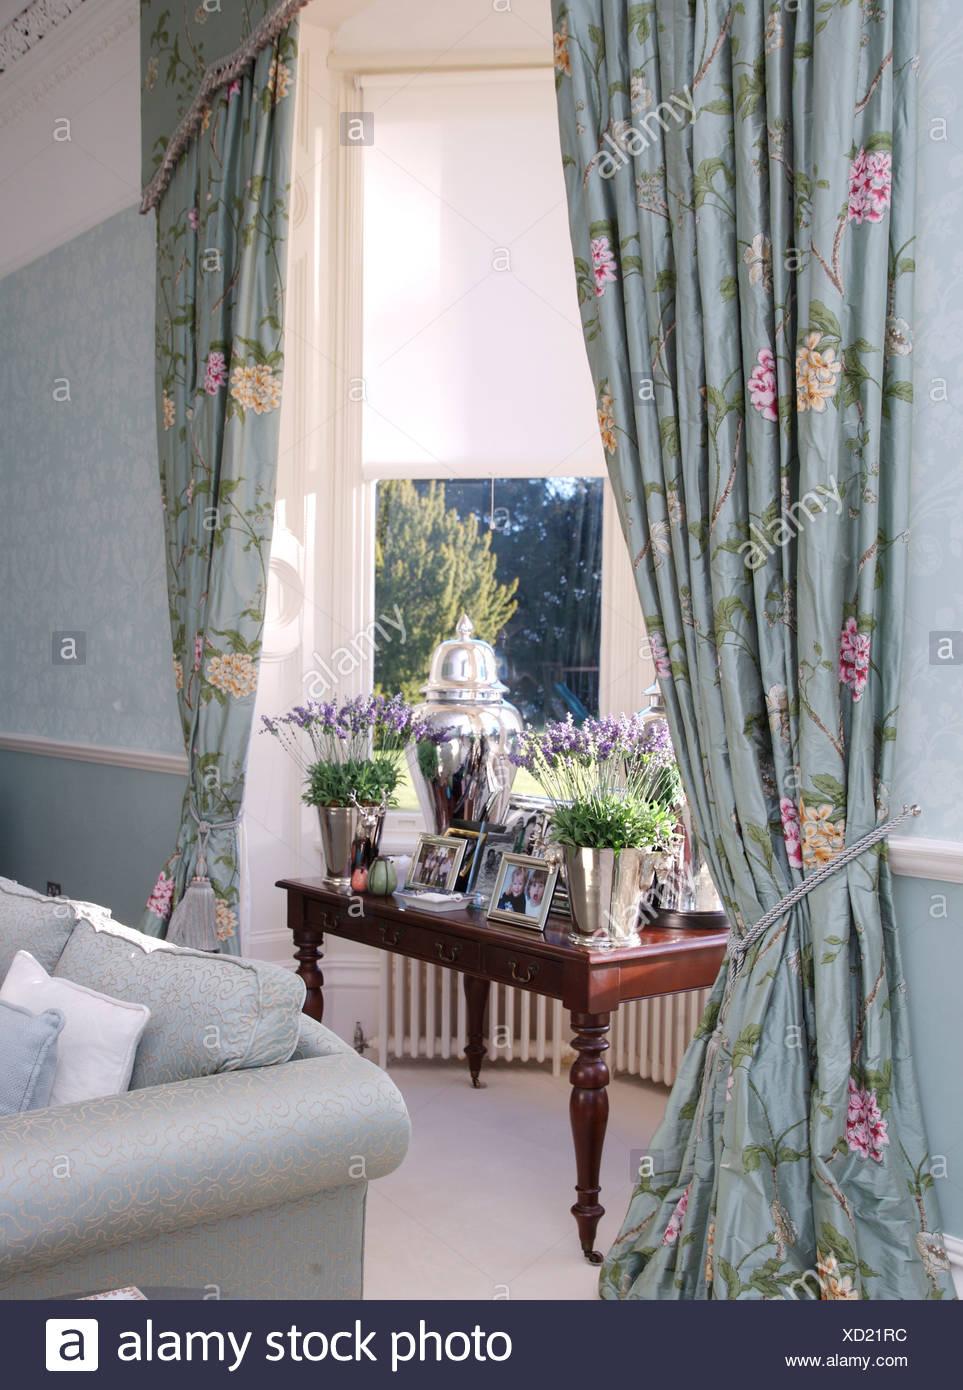 Töpfe Mit Lavendel Auf Tisch Im Fenster Mit Blassen Blau Floral Gardinen  Und Weiße Vorhänge In Blassen Blauen Wohnzimmer